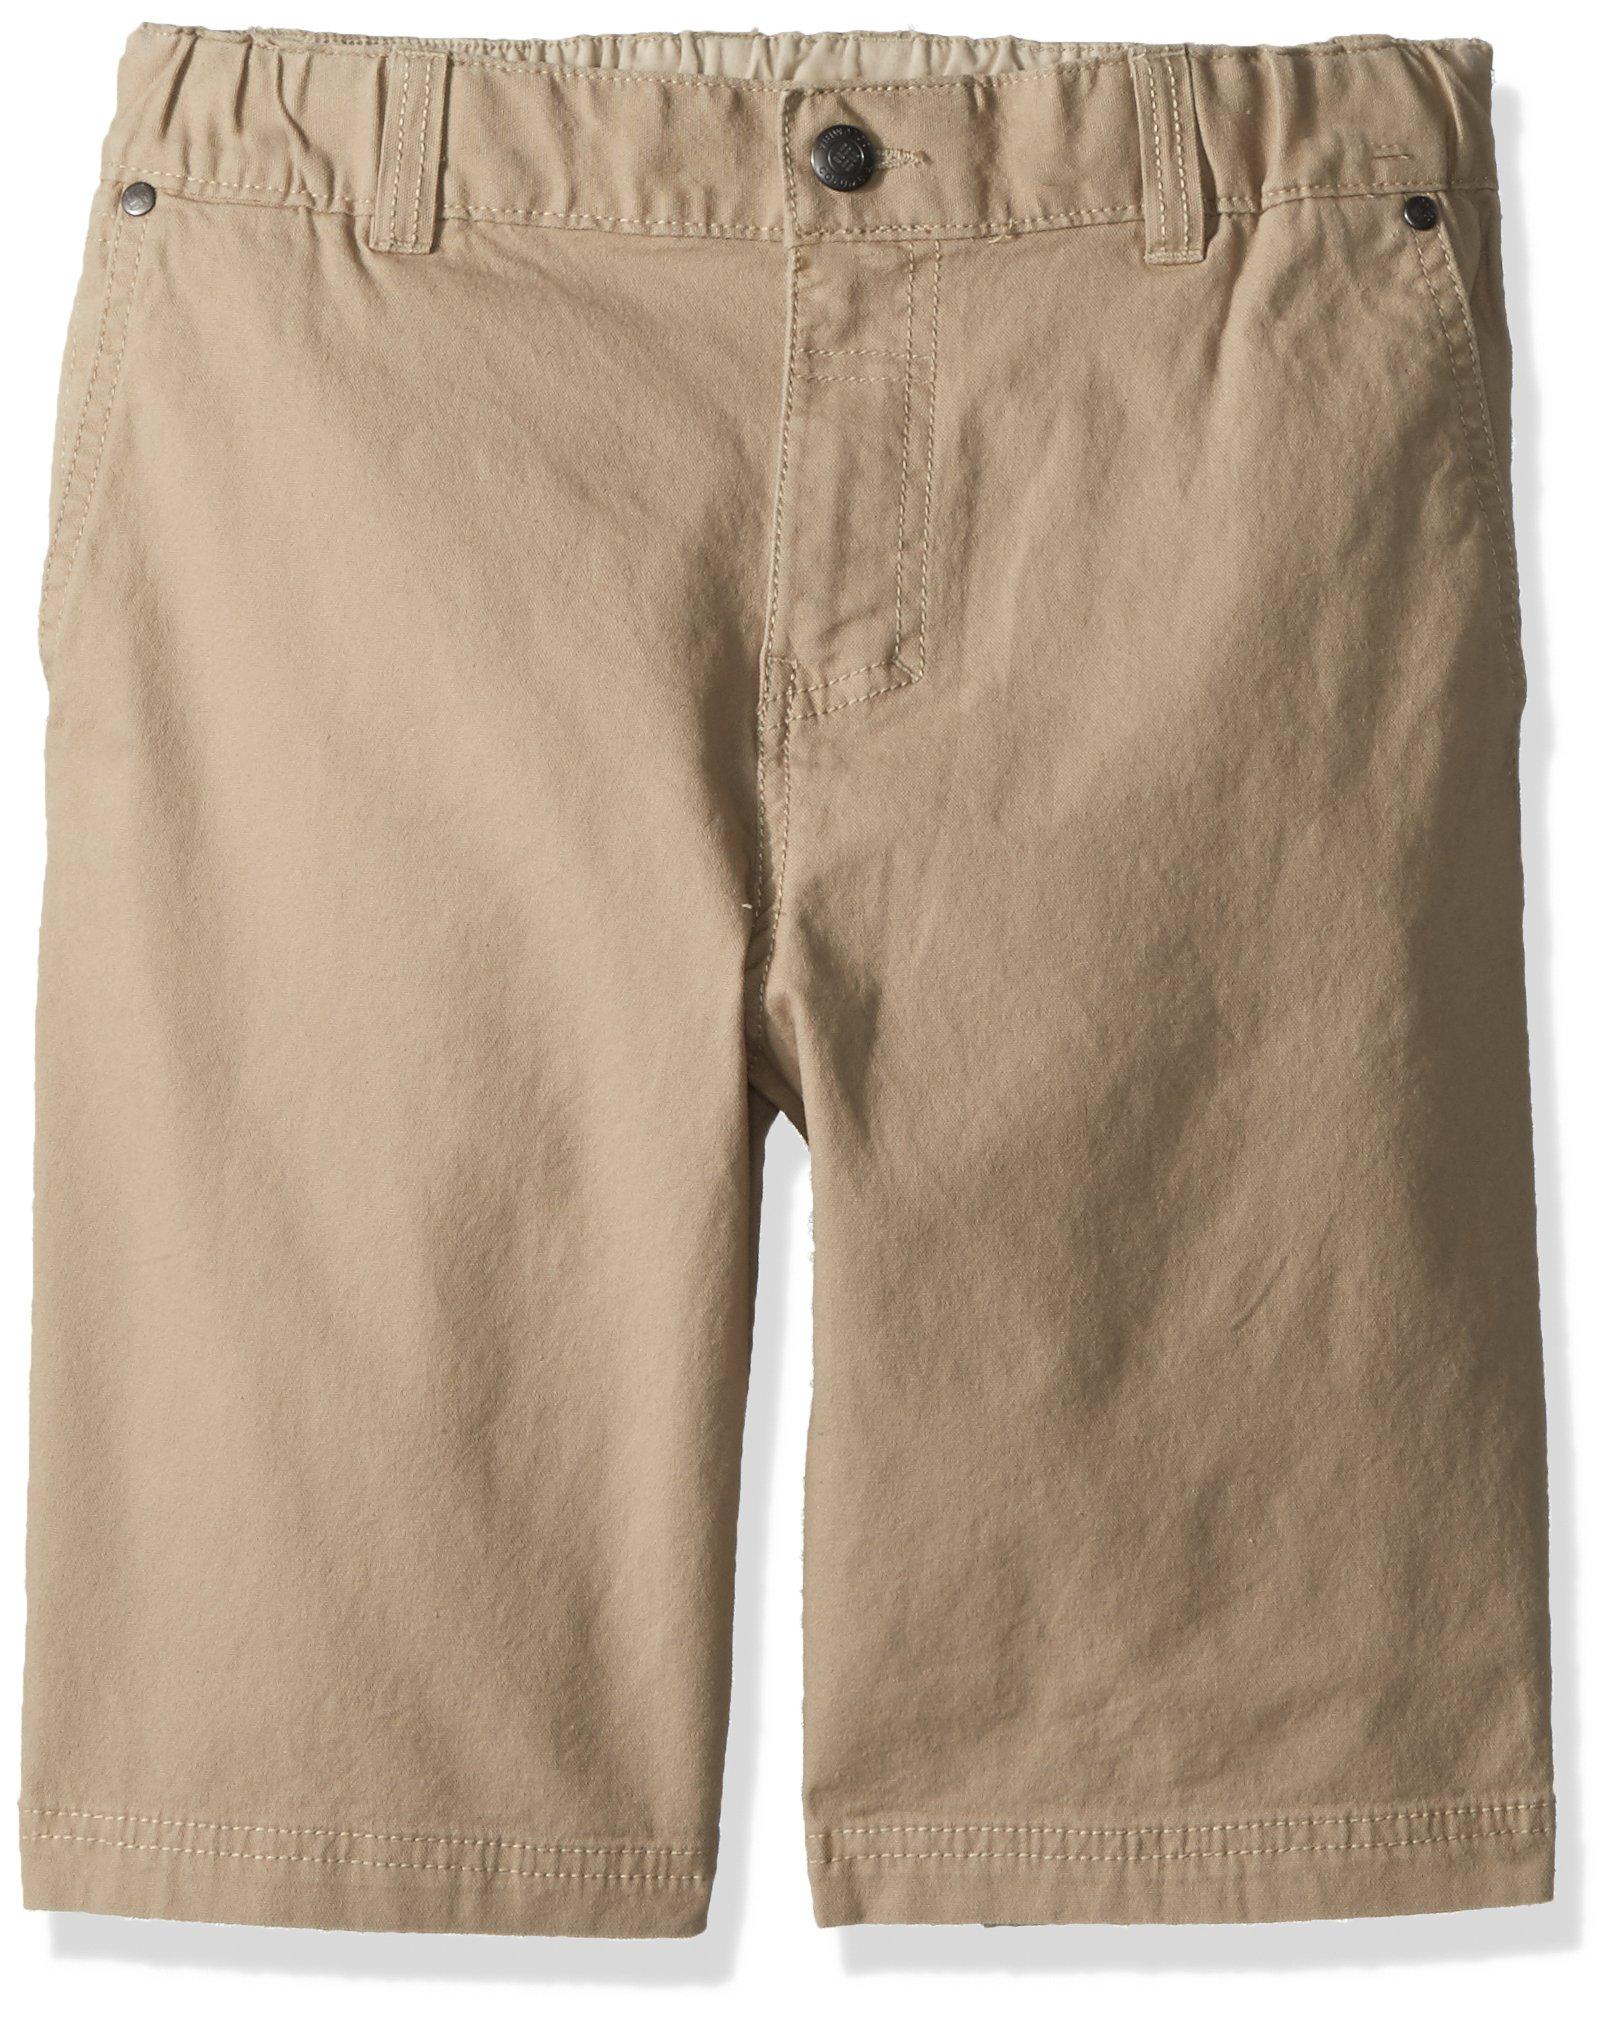 Columbia Boys' Big Flex ROC Short, British tan, L